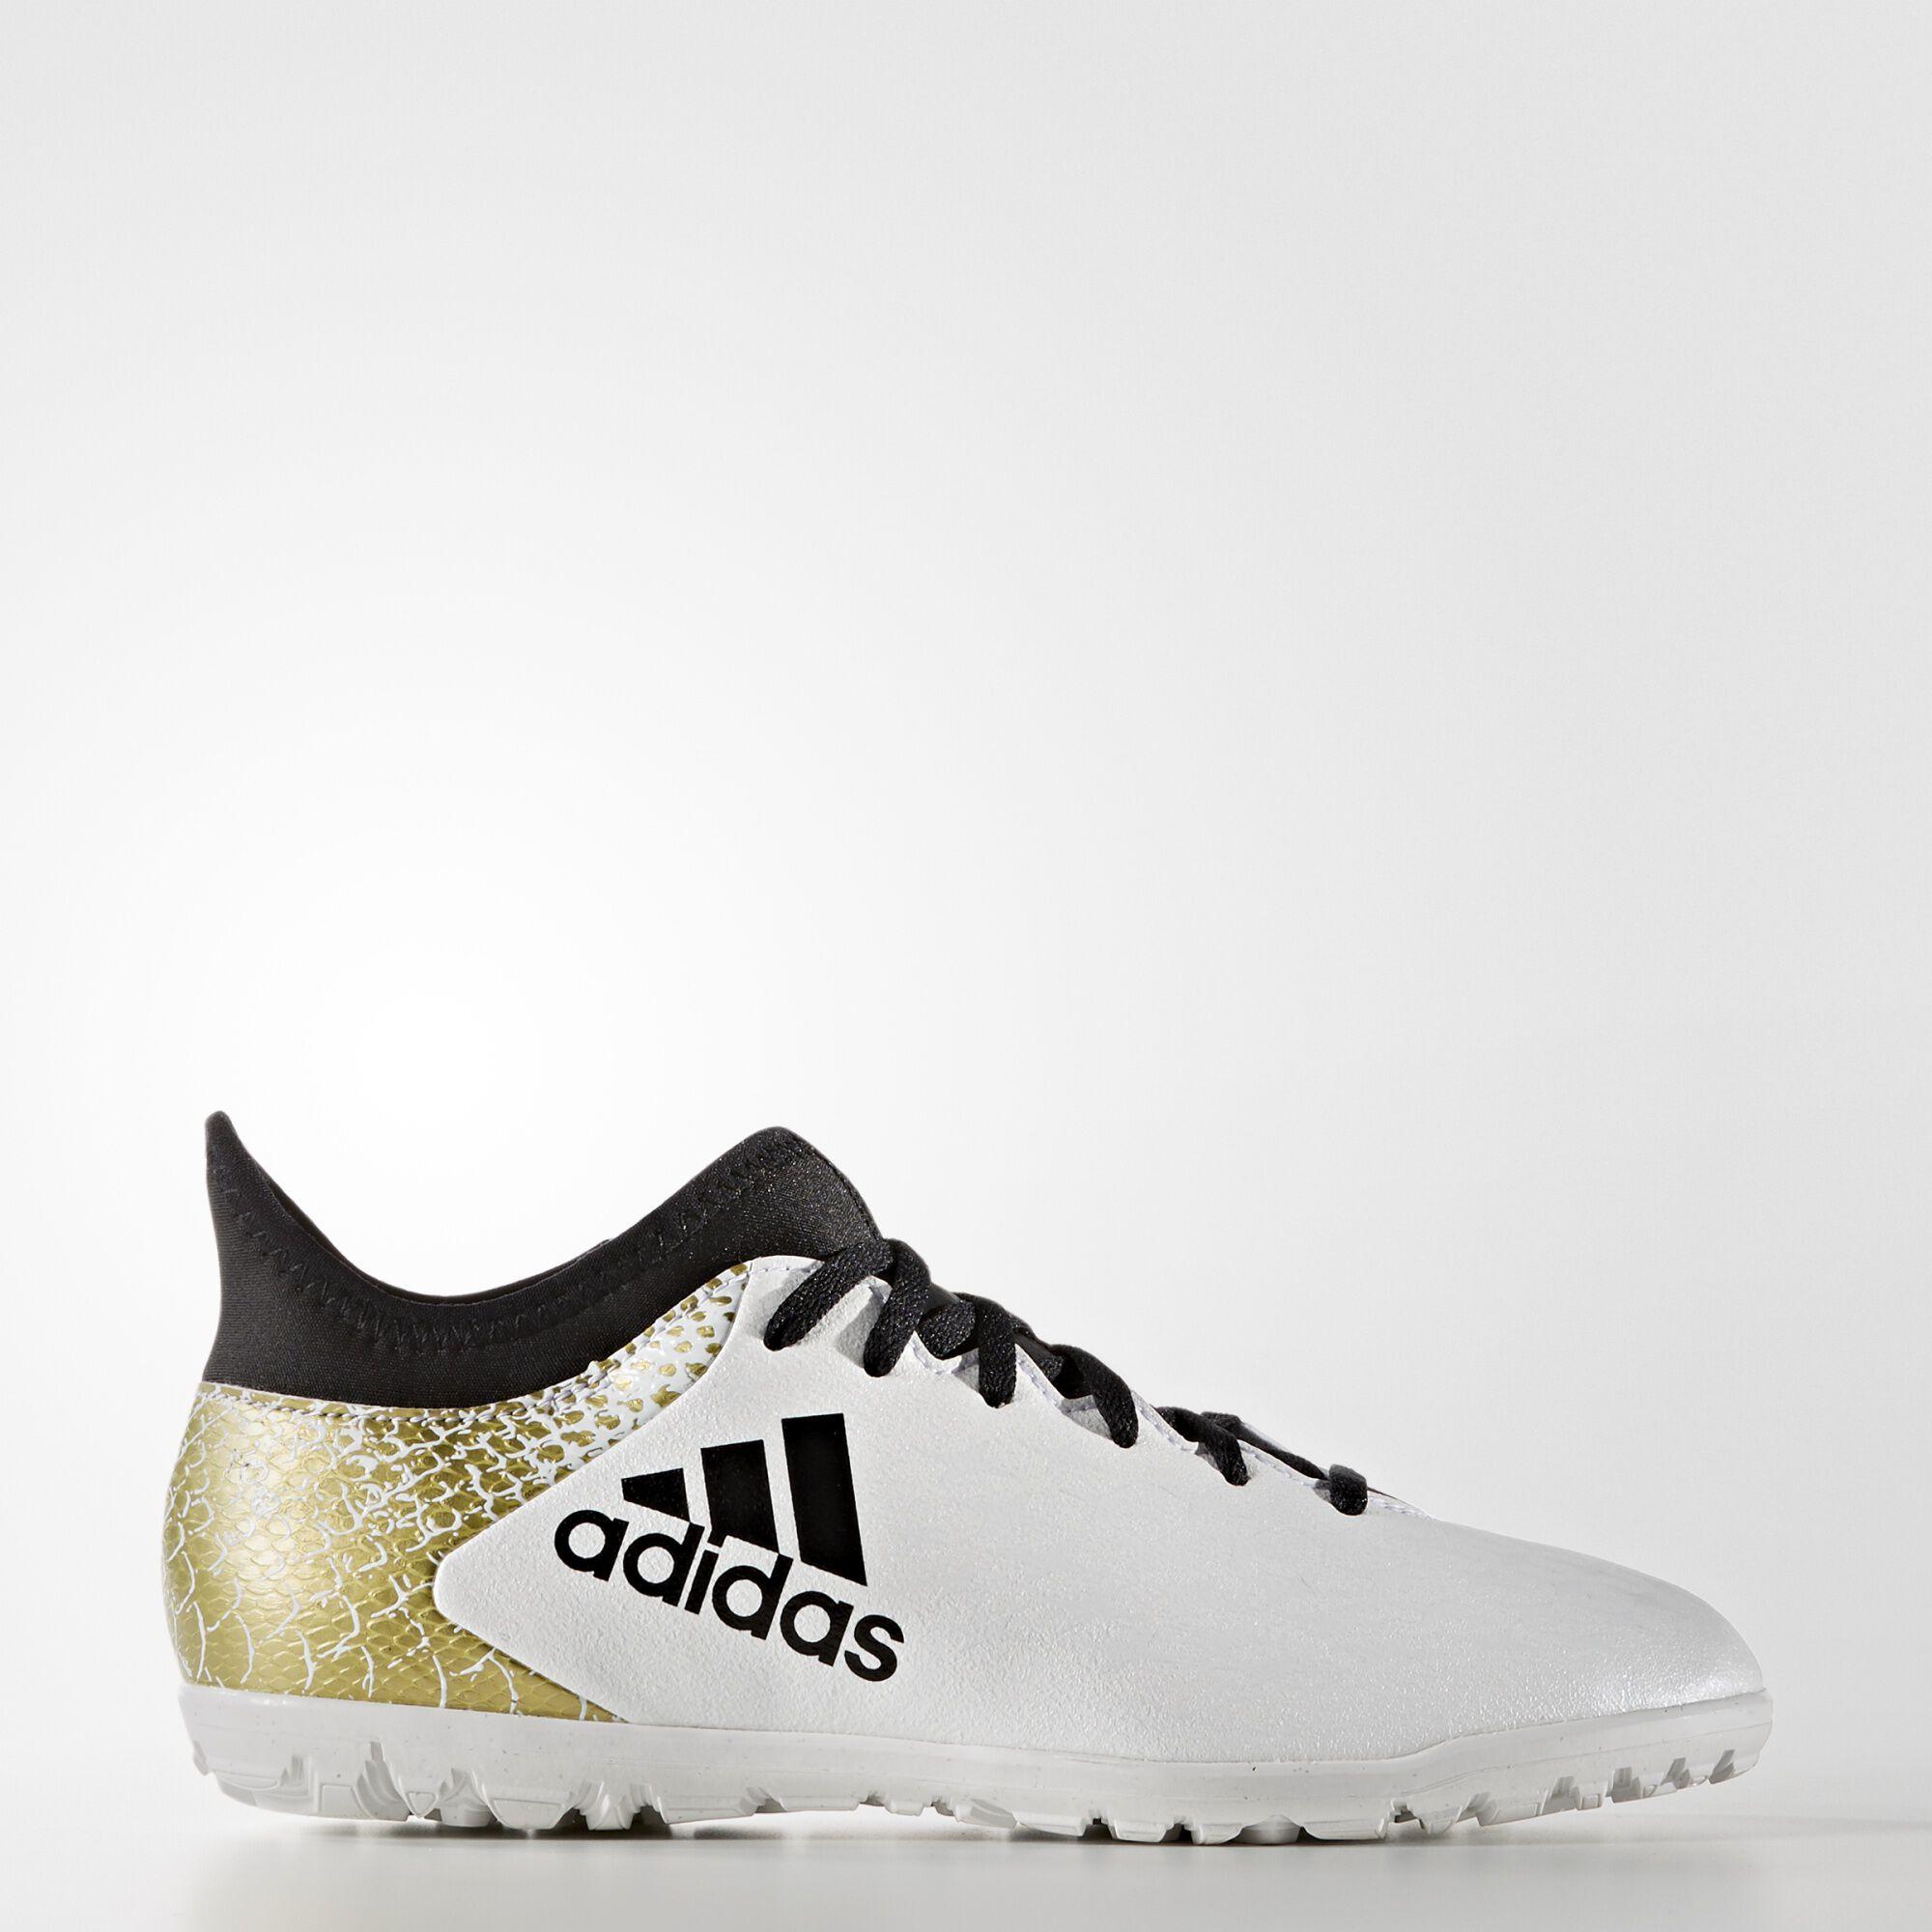 adidas futbol blancos